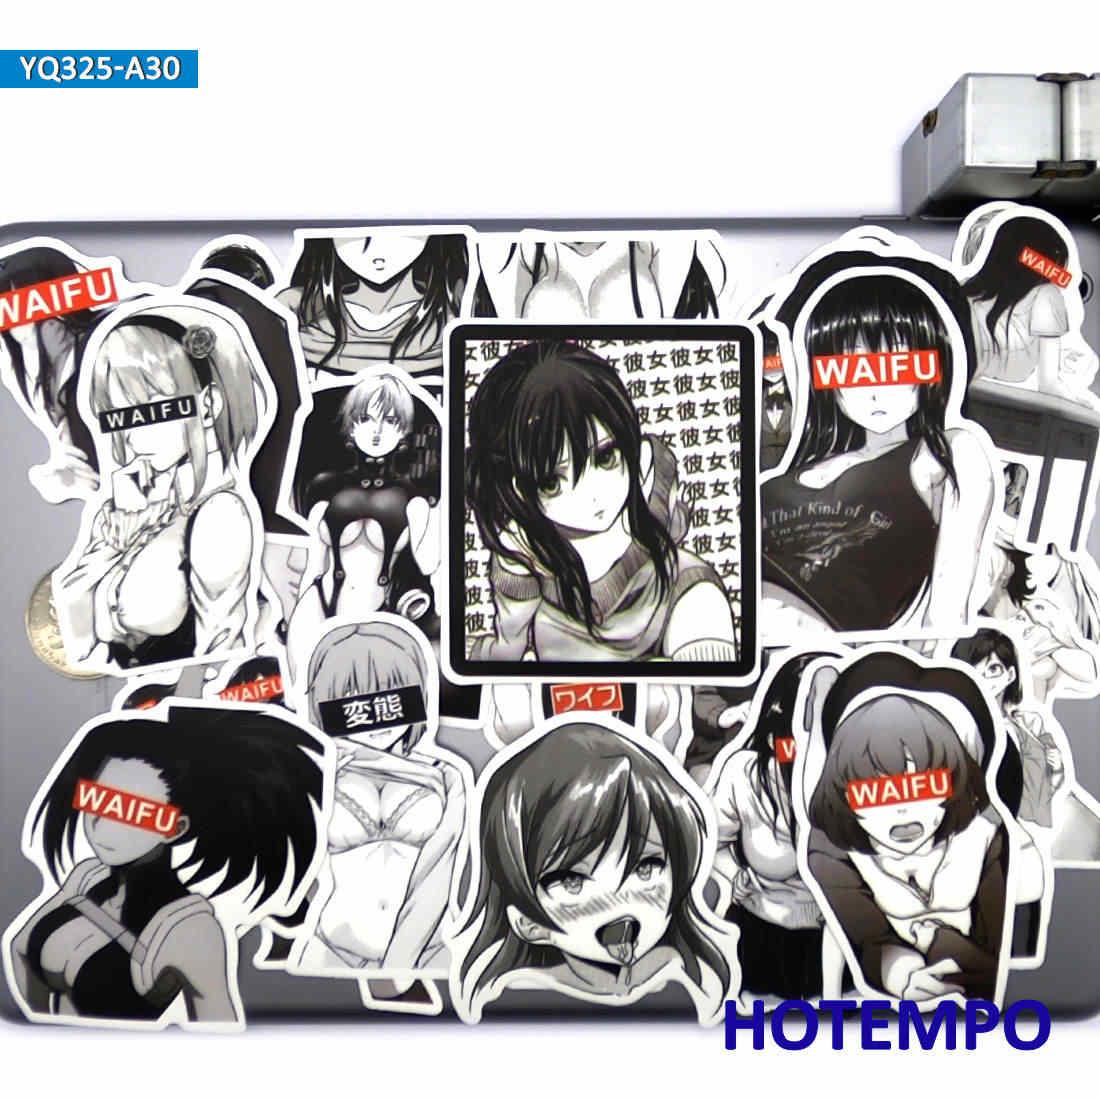 30 pieces noir et blanc style comique sexy manga filles anime autocollants pour ordinateur portable et telephone portable valise otaku bien etre